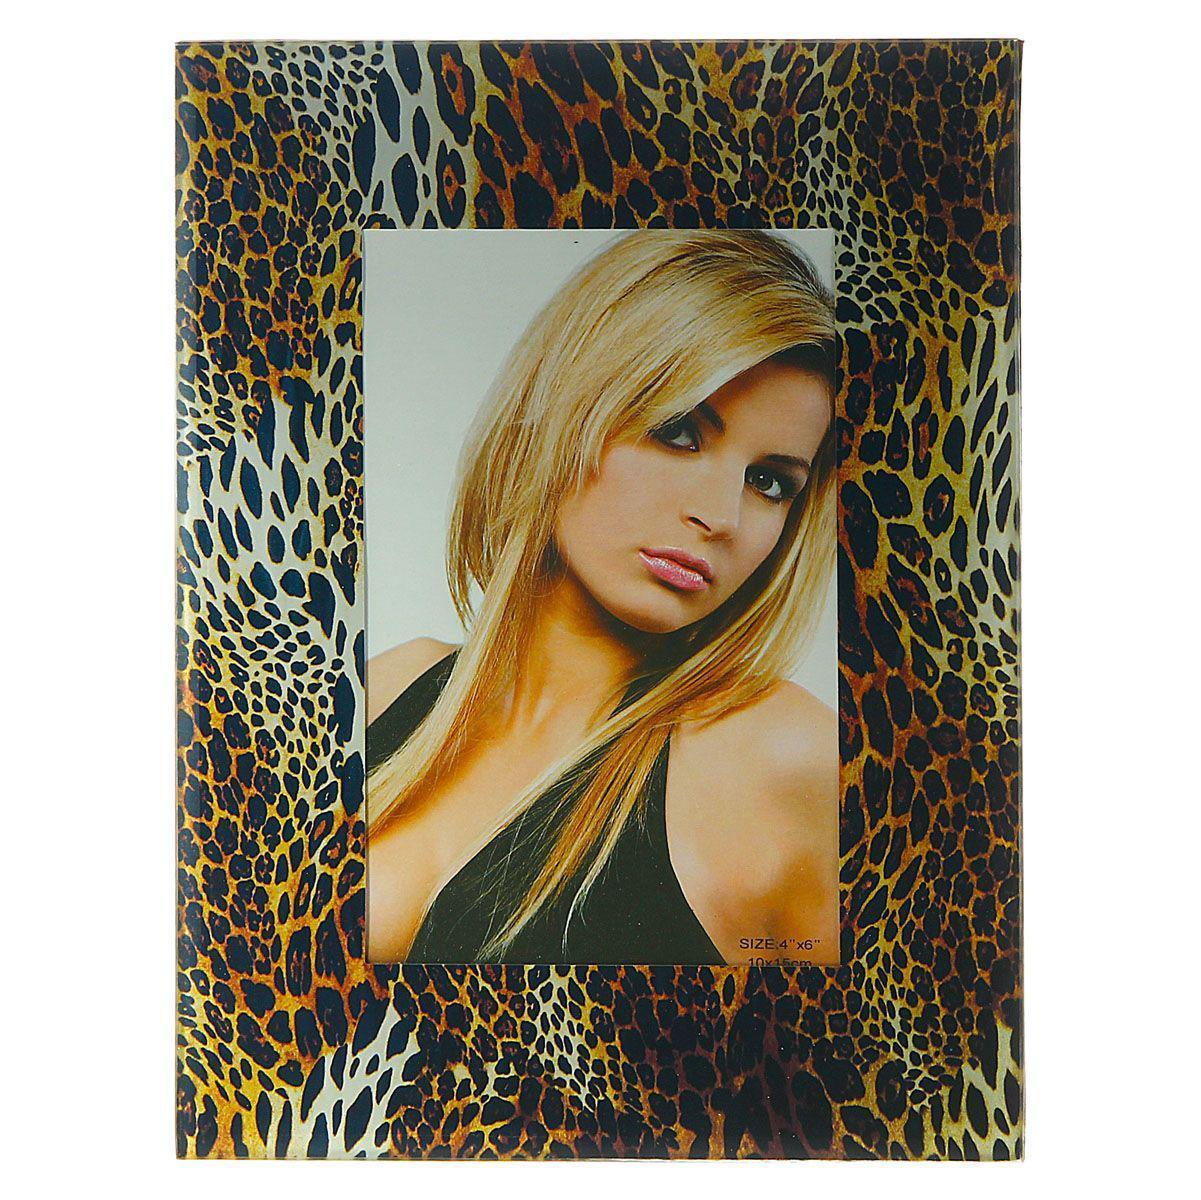 Фоторамка Sima-land Леопард, цвет: черный, коричневый, 10 см х 15 смTHN132NДекоративная фоторамка Sima-land Леопард выполнена из стекла и декорирована леопардовым принтом. Обратная сторона рамки оснащена специальной ножкой, благодаря которой ее можно поставить на стол или любое другое место в доме или офисе. Такая фоторамка украсит ваш интерьер оригинальным образом, а также позволит сохранить память о дорогих вам людях и интересных событиях вашей жизни. С ней вы сможете не просто внести в интерьер своего дома элемент оригинальности, но и создать атмосферу загадочности и изысканности.